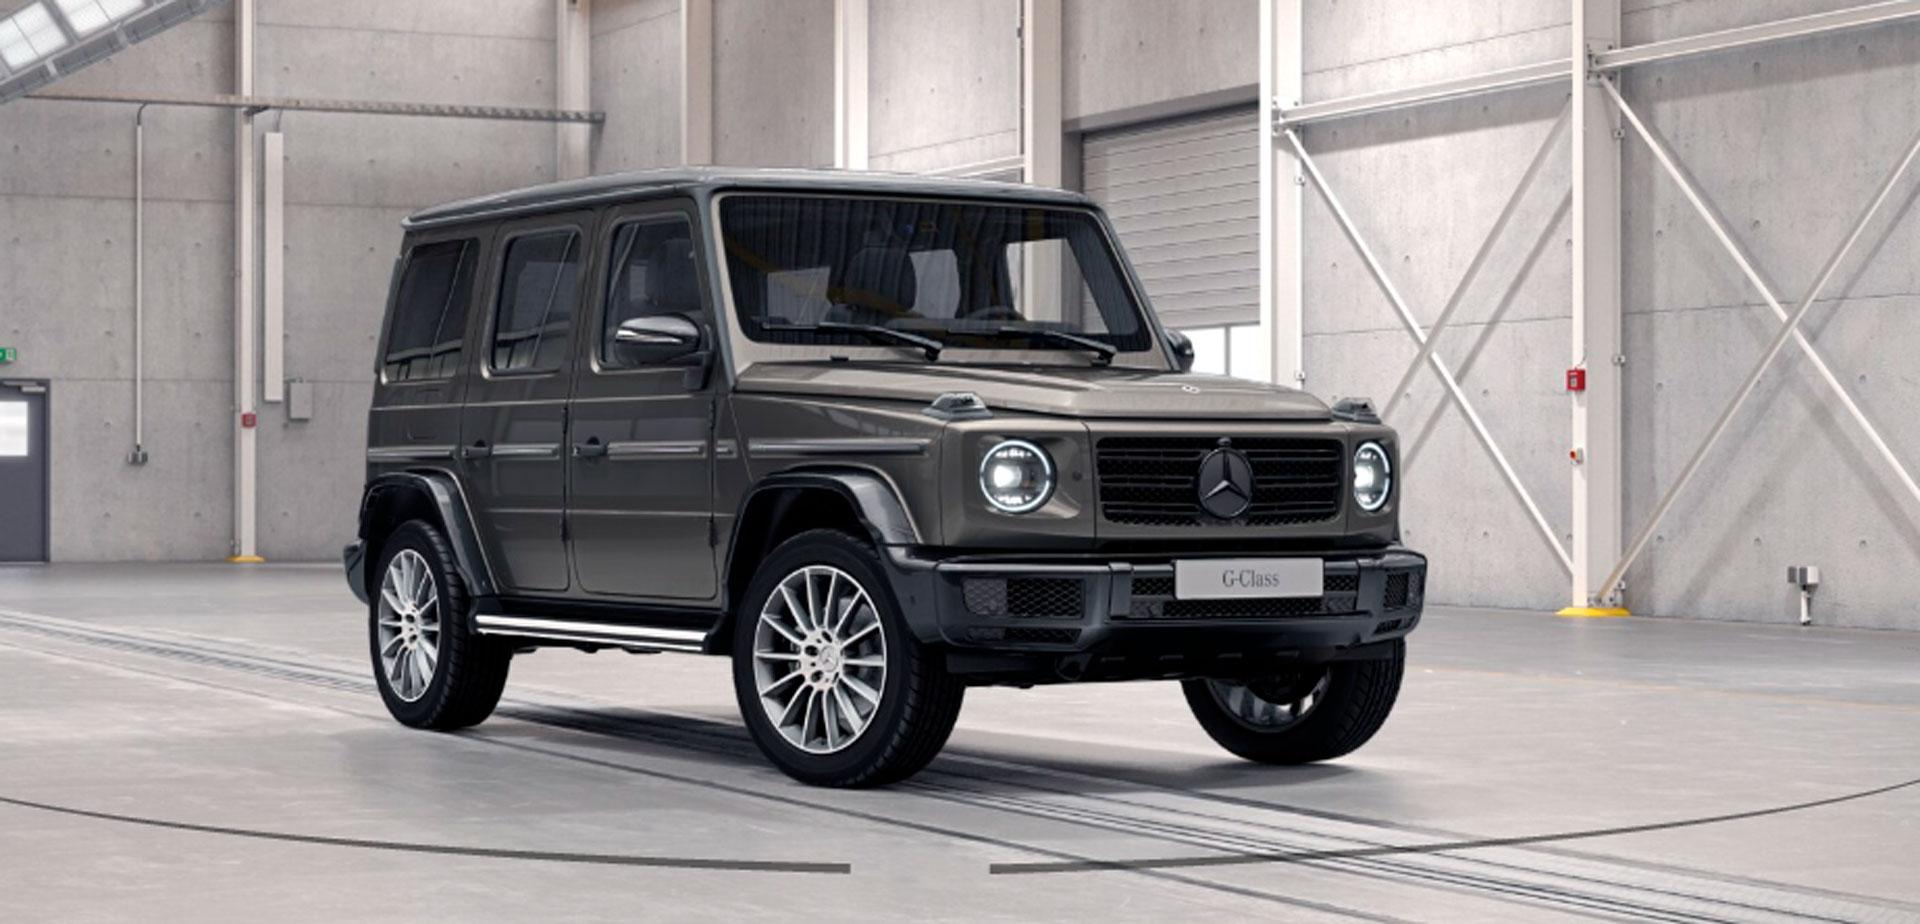 Mercedes-Benz G-Class 0152601113